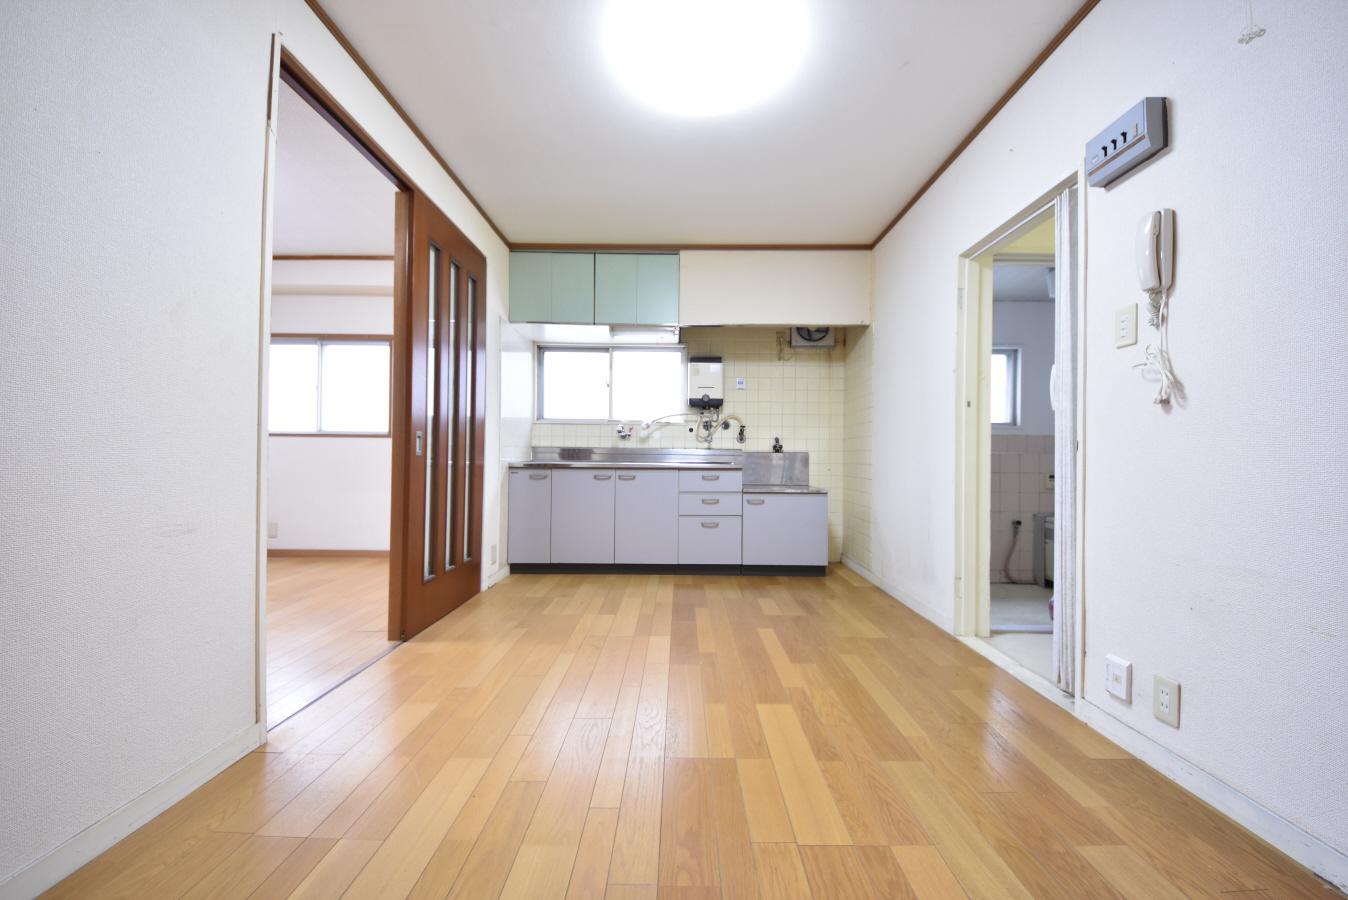 物件番号: 1025884187 新生ビル999  神戸市中央区下山手通3丁目 1LDK マンション 画像1